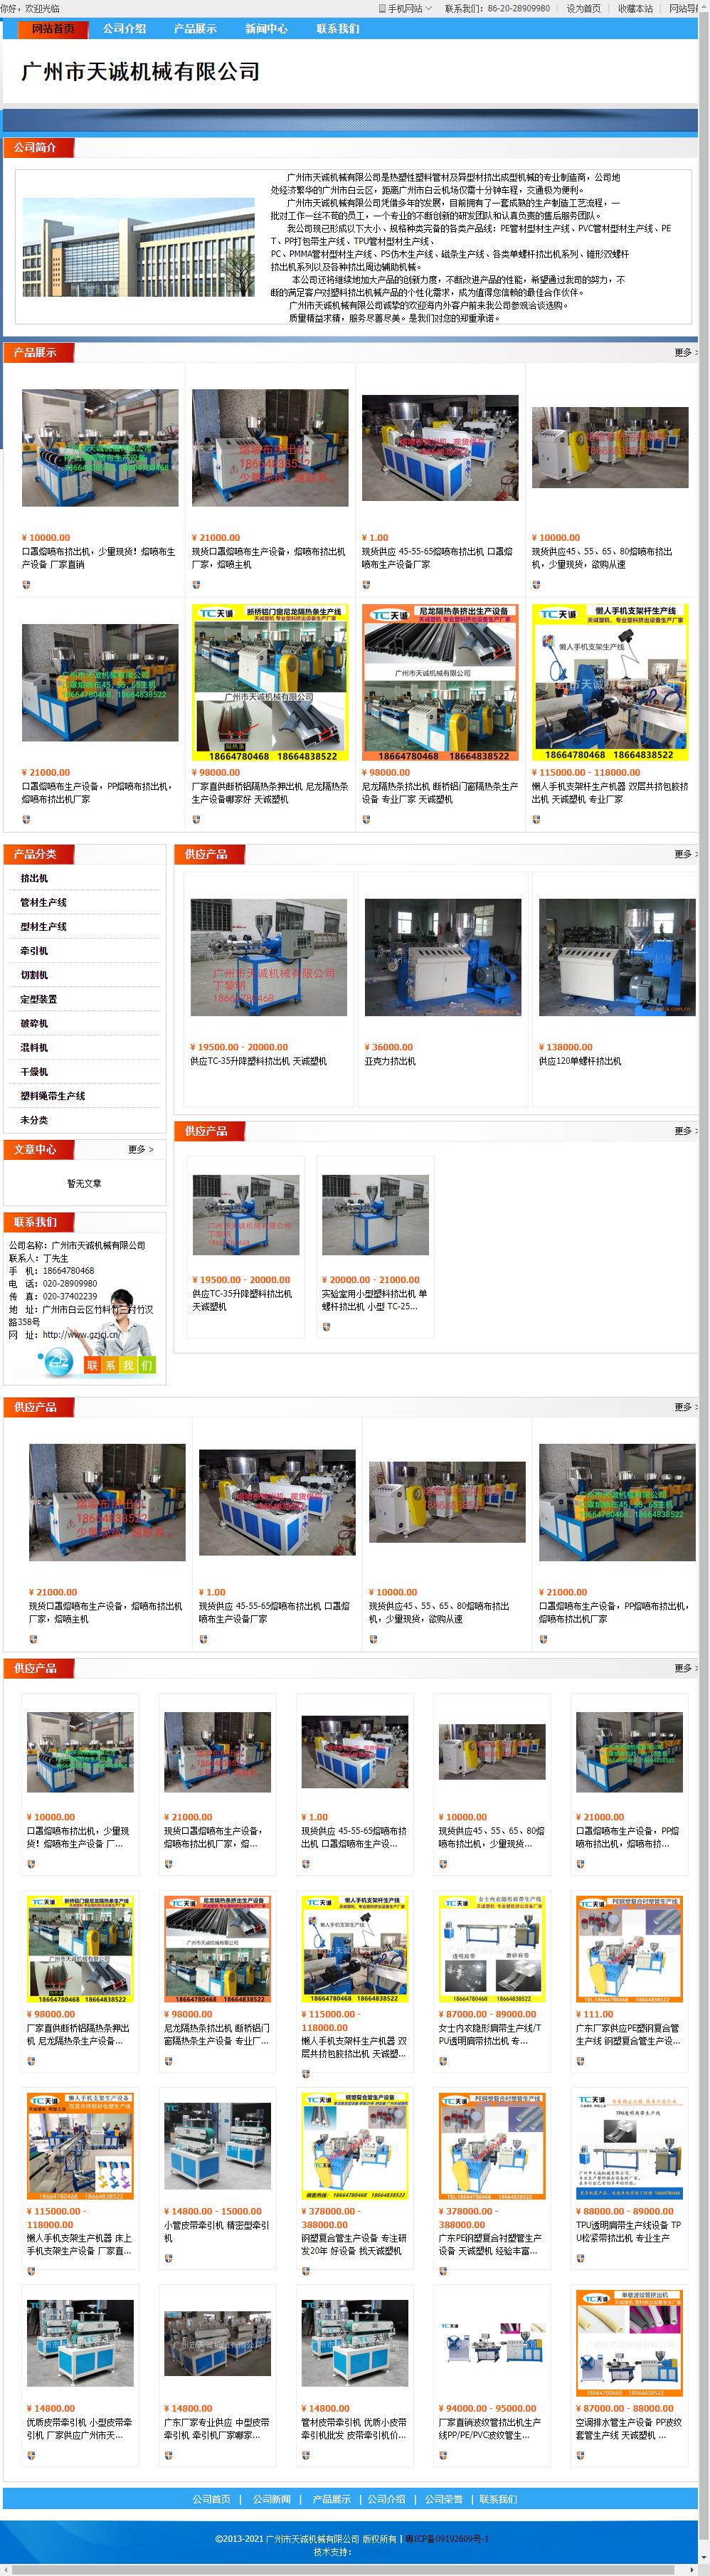 广州市天诚机械有限公司网站案例